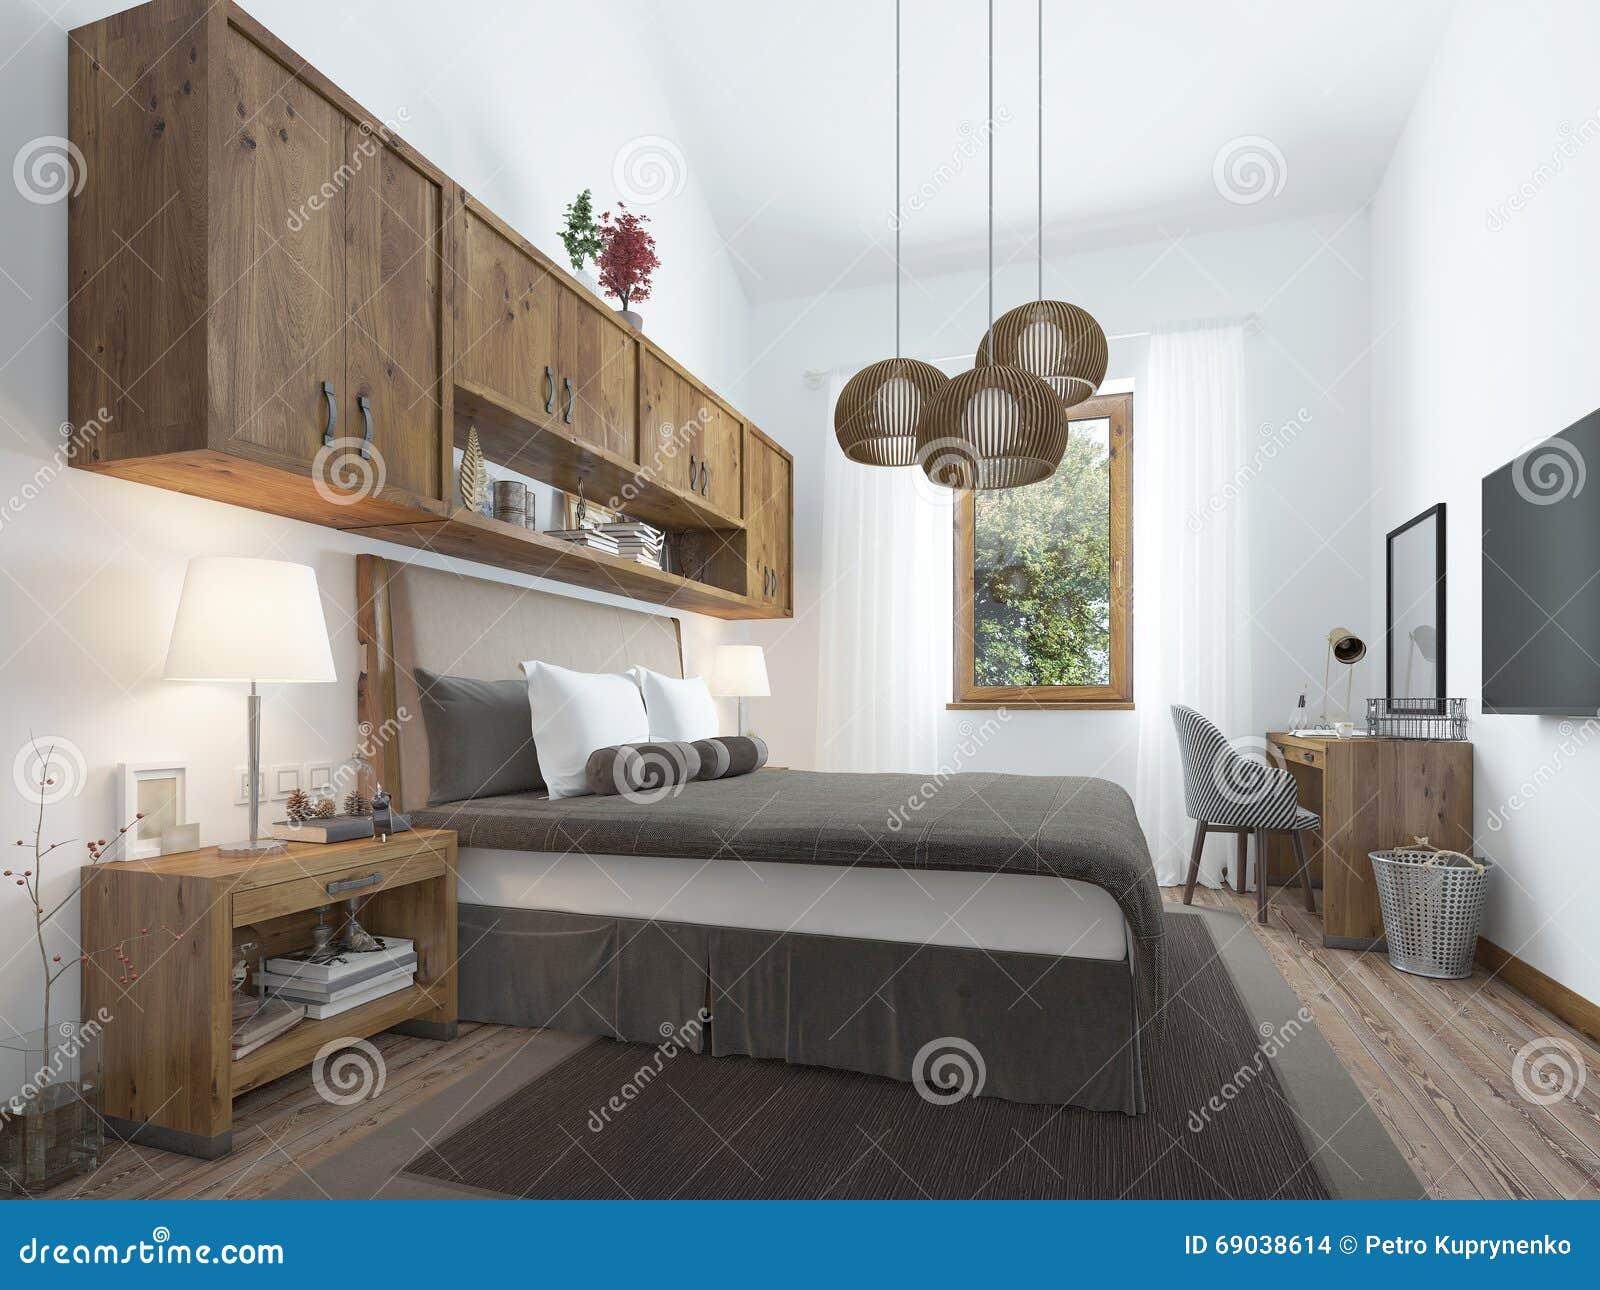 Chambre coucher de style du grenier avec les meubles en bois et les murs blancs illustration for Chambre a coucher style